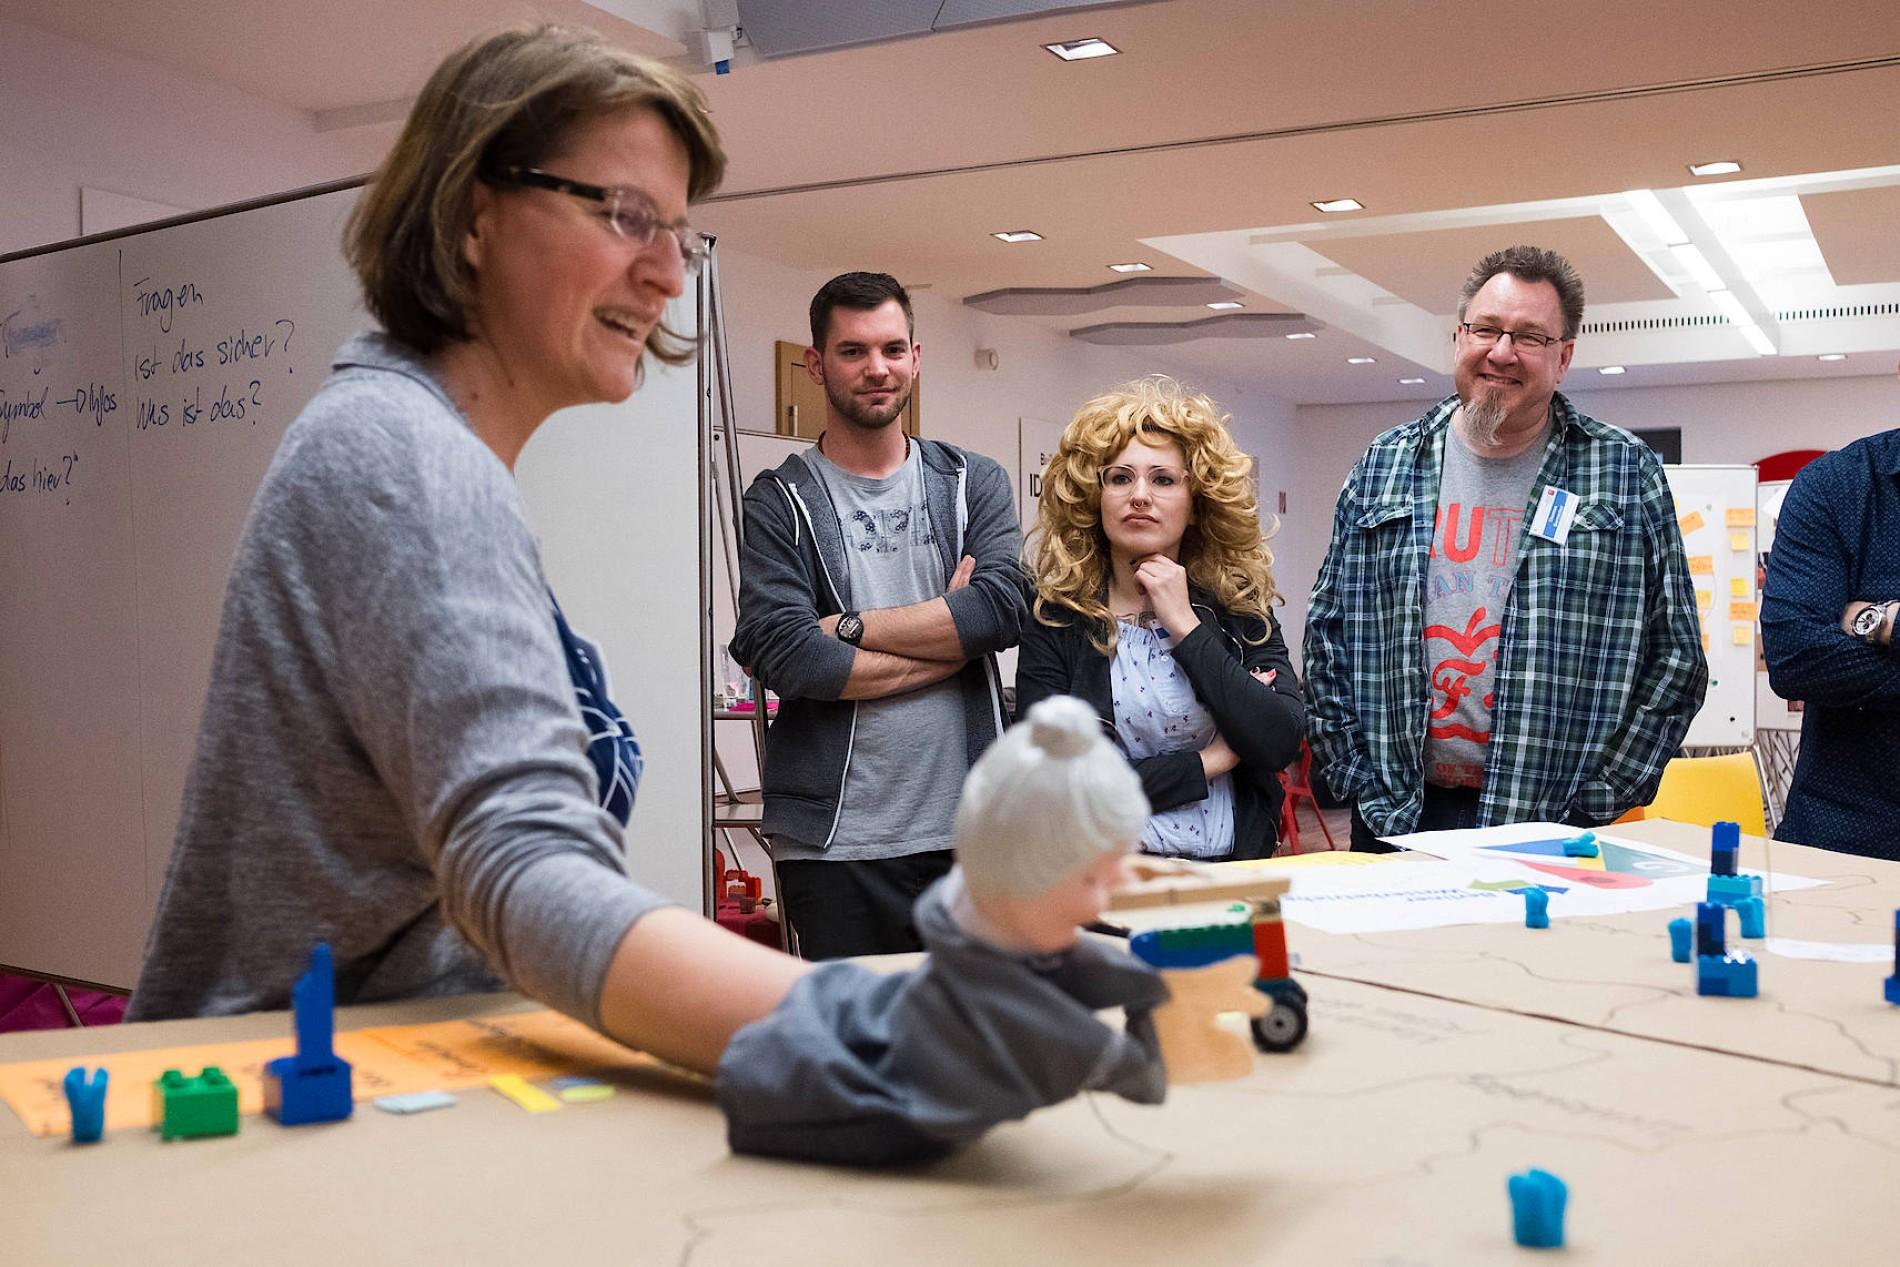 Teilnehmer eines Design-Thinking-Workshops entwickeln spielerisch neue Ideen. Foto: Daniel Pilar